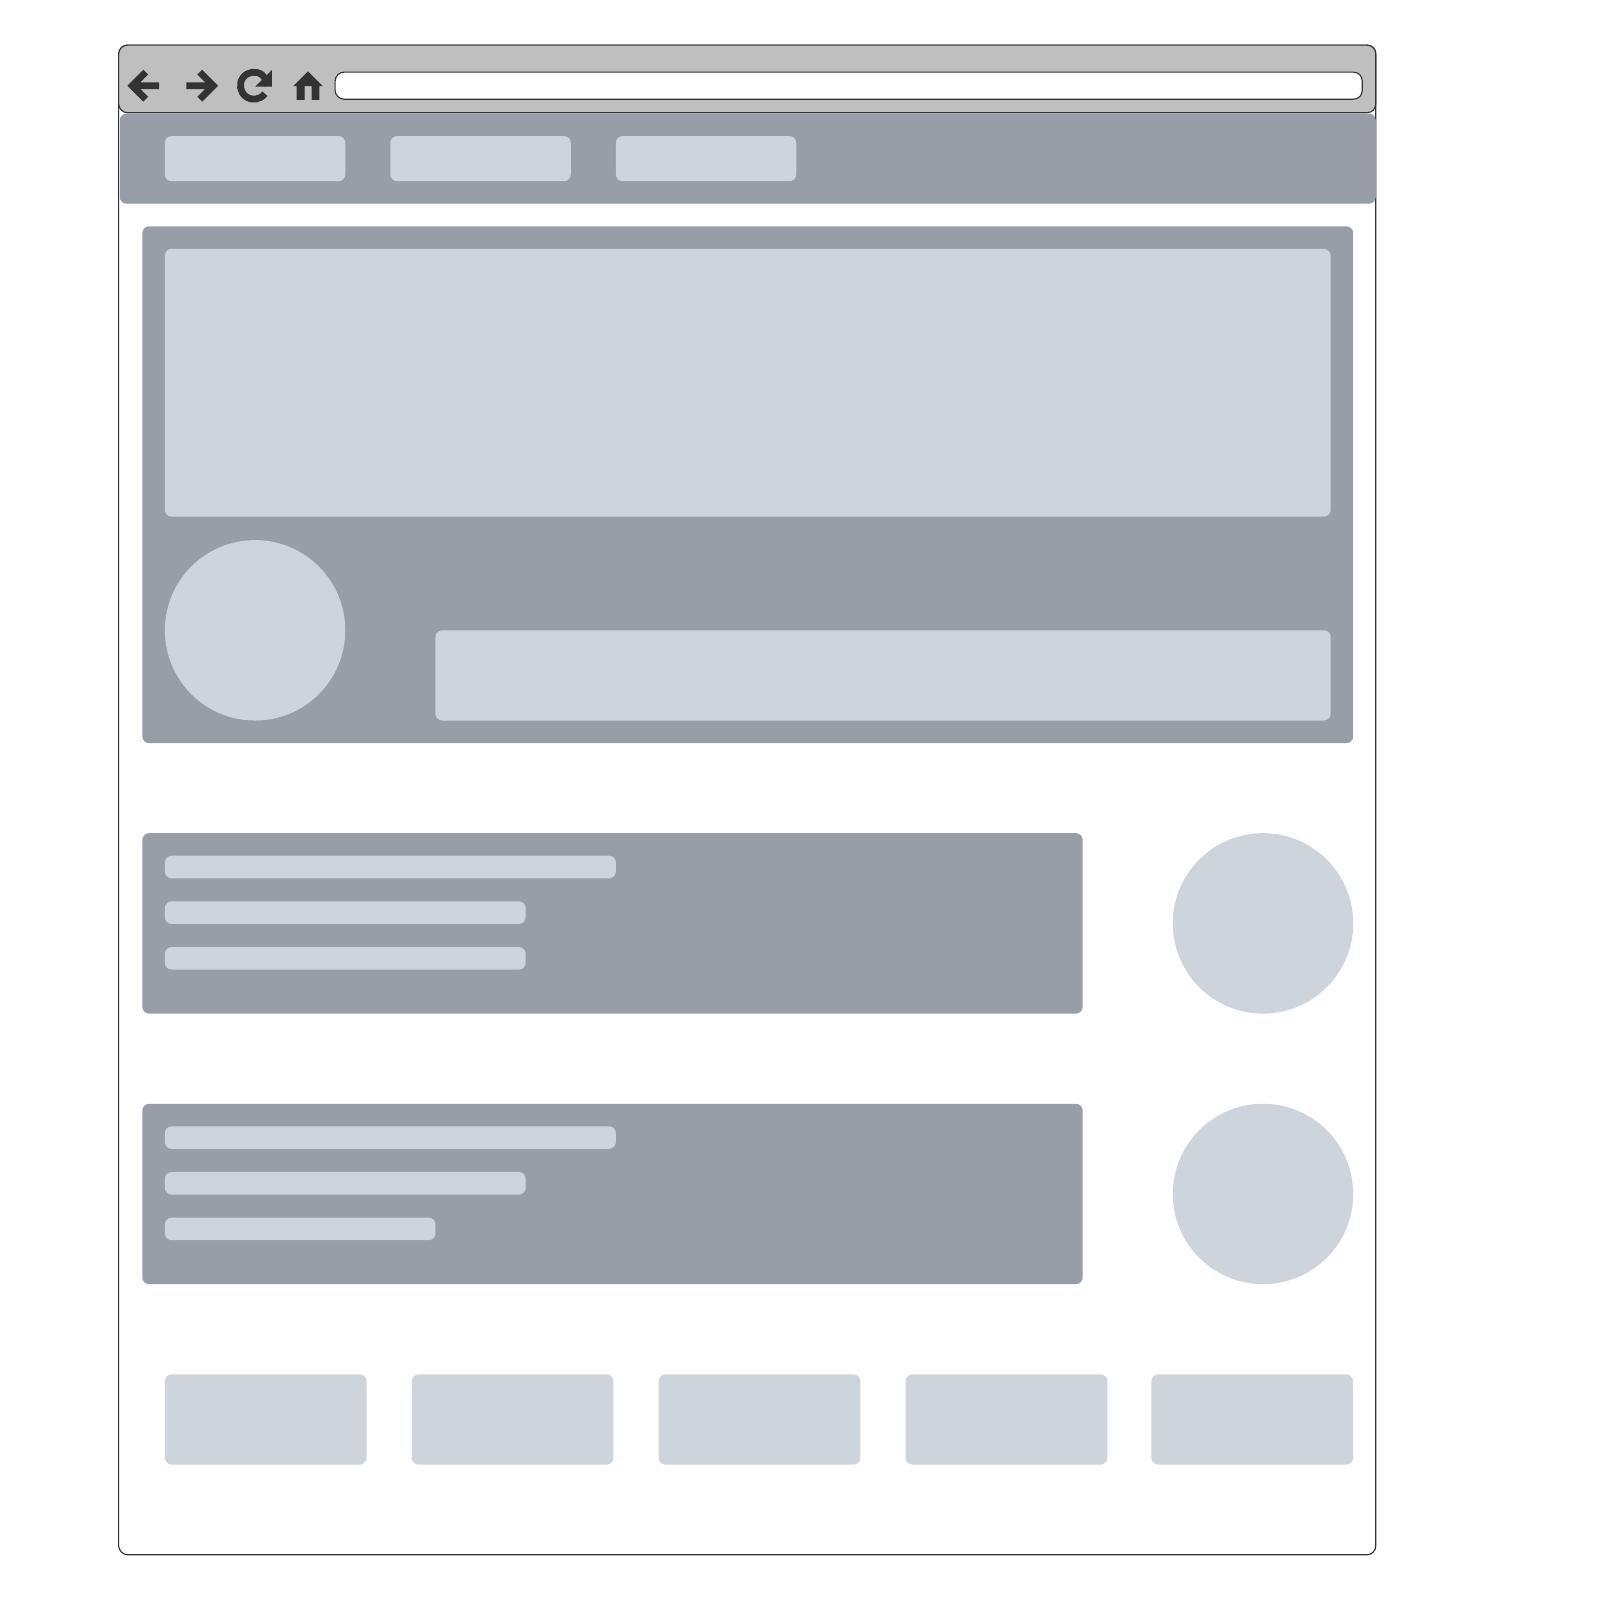 無料でダウンロードできるWebサイトワイヤーフレームの例とテンプレート